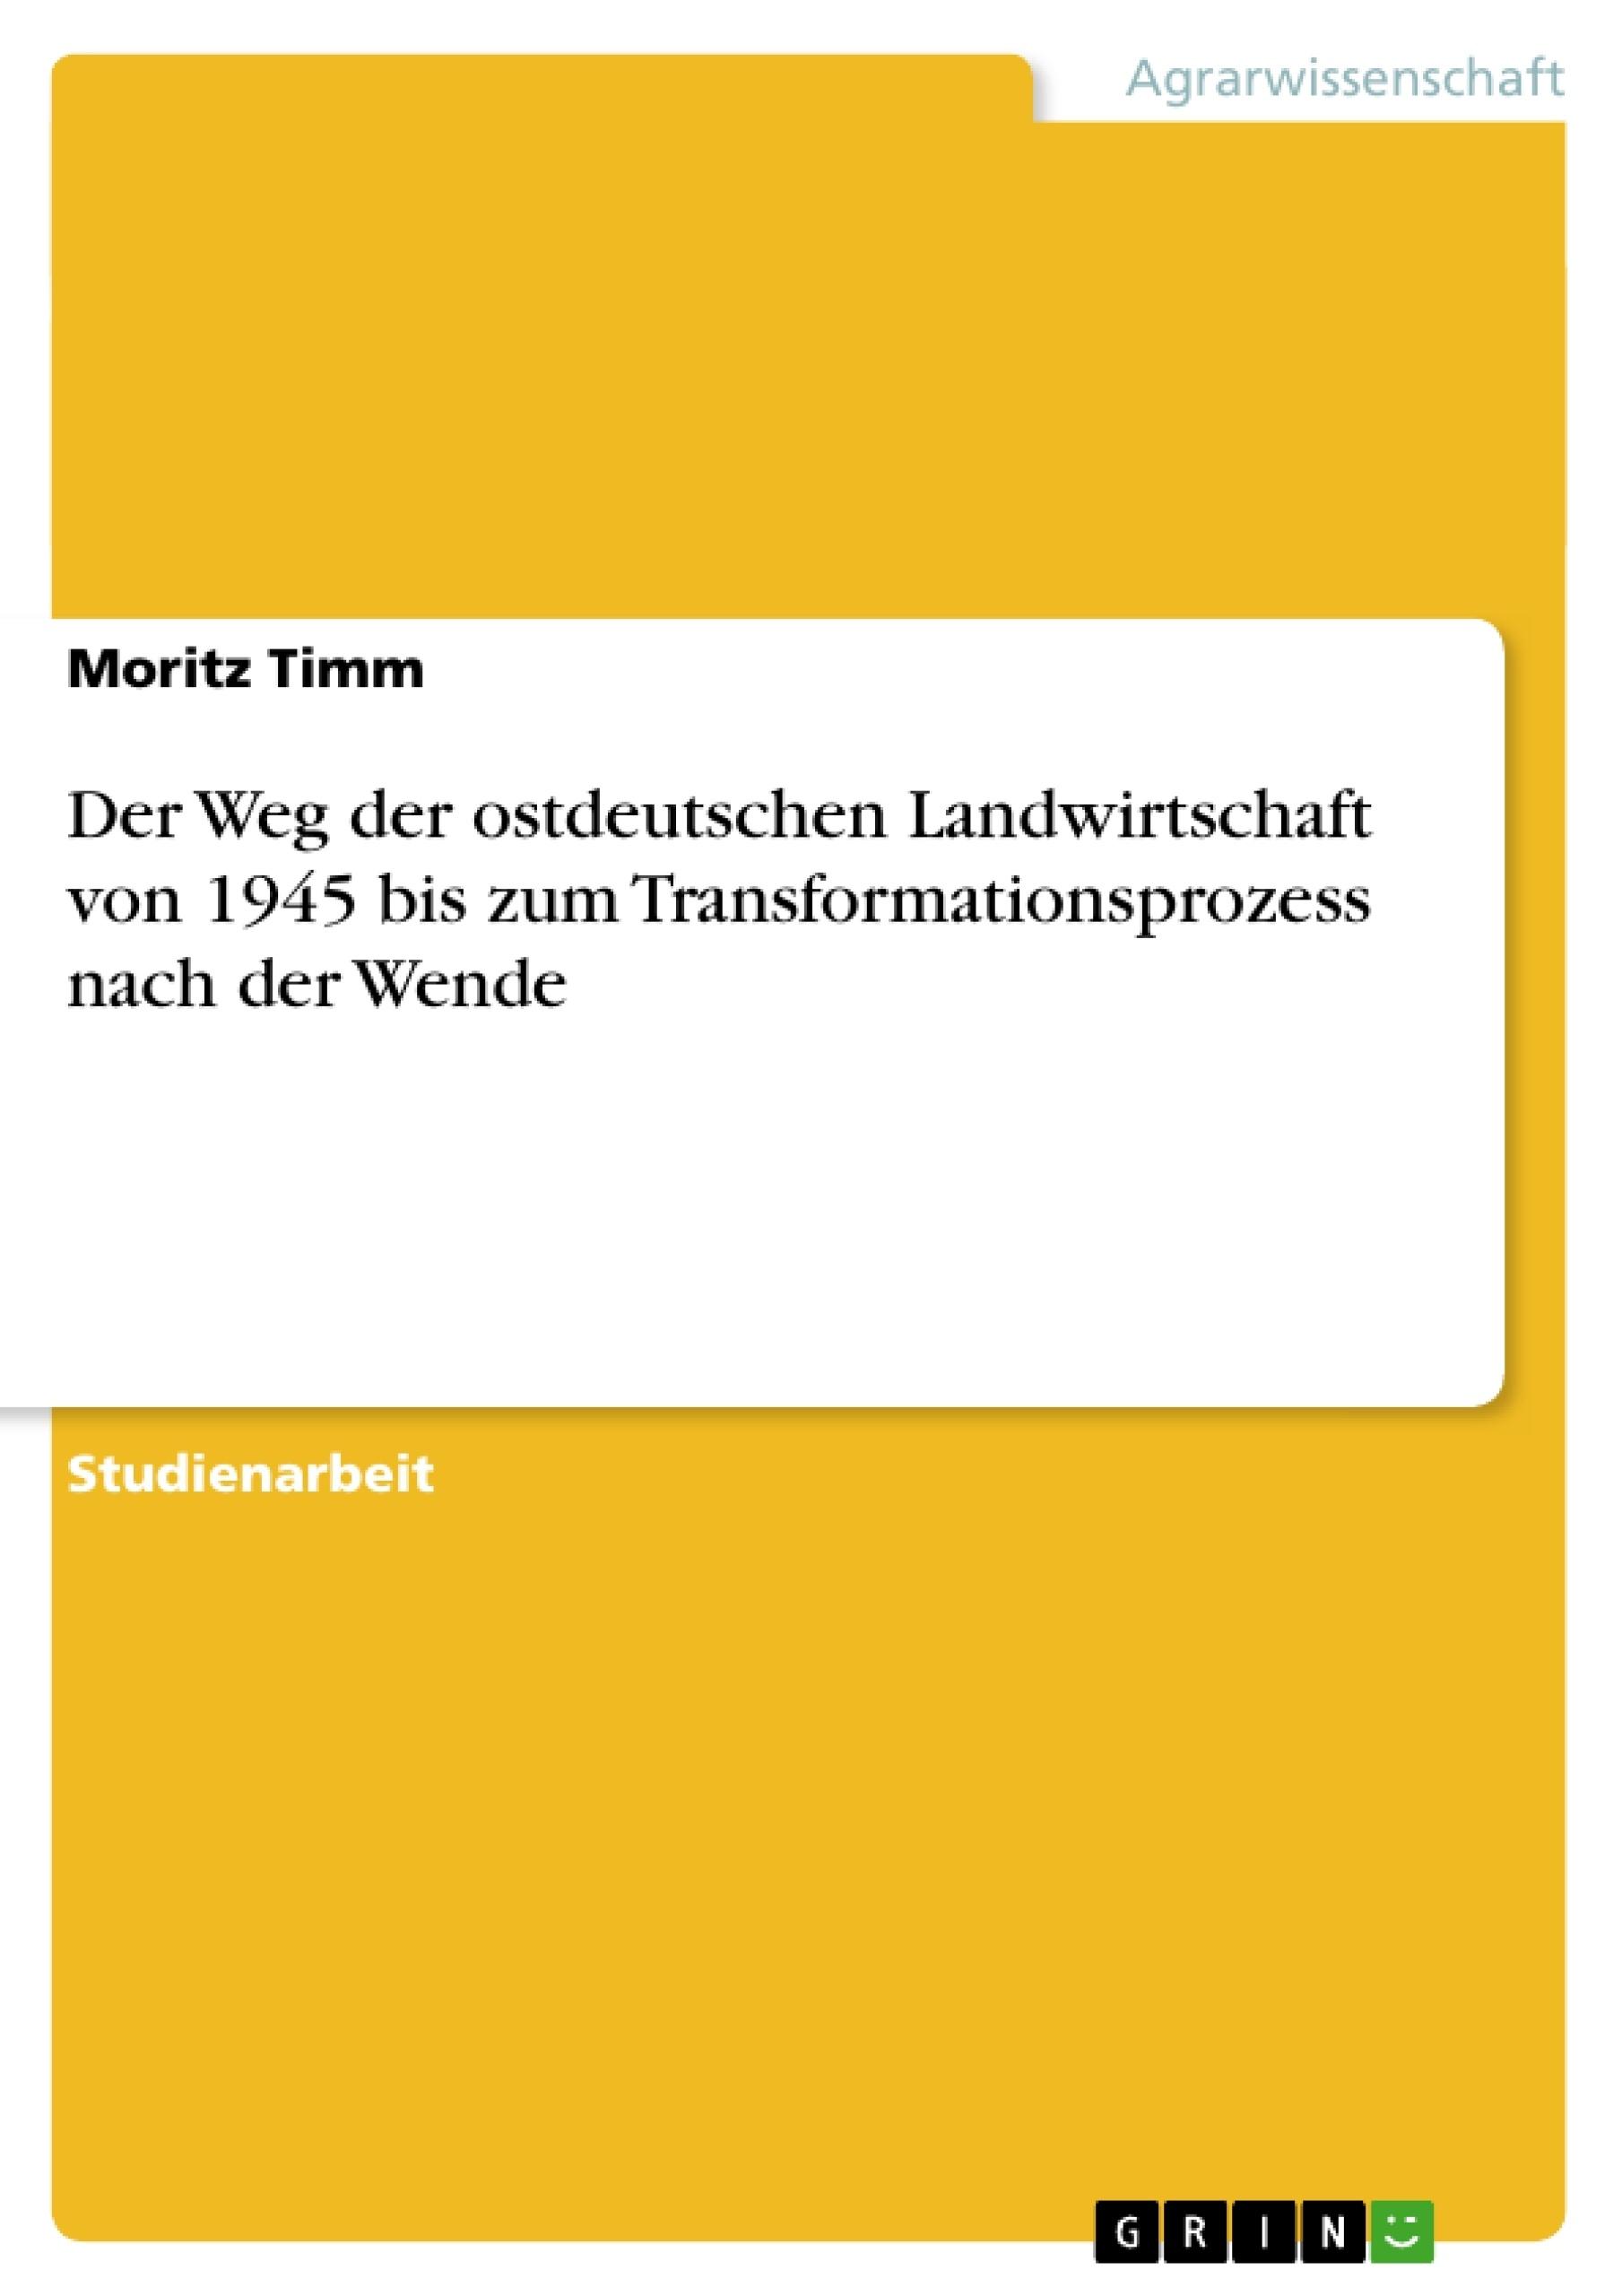 Titel: Der Weg der ostdeutschen Landwirtschaft von 1945 bis zum Transformationsprozess nach der Wende